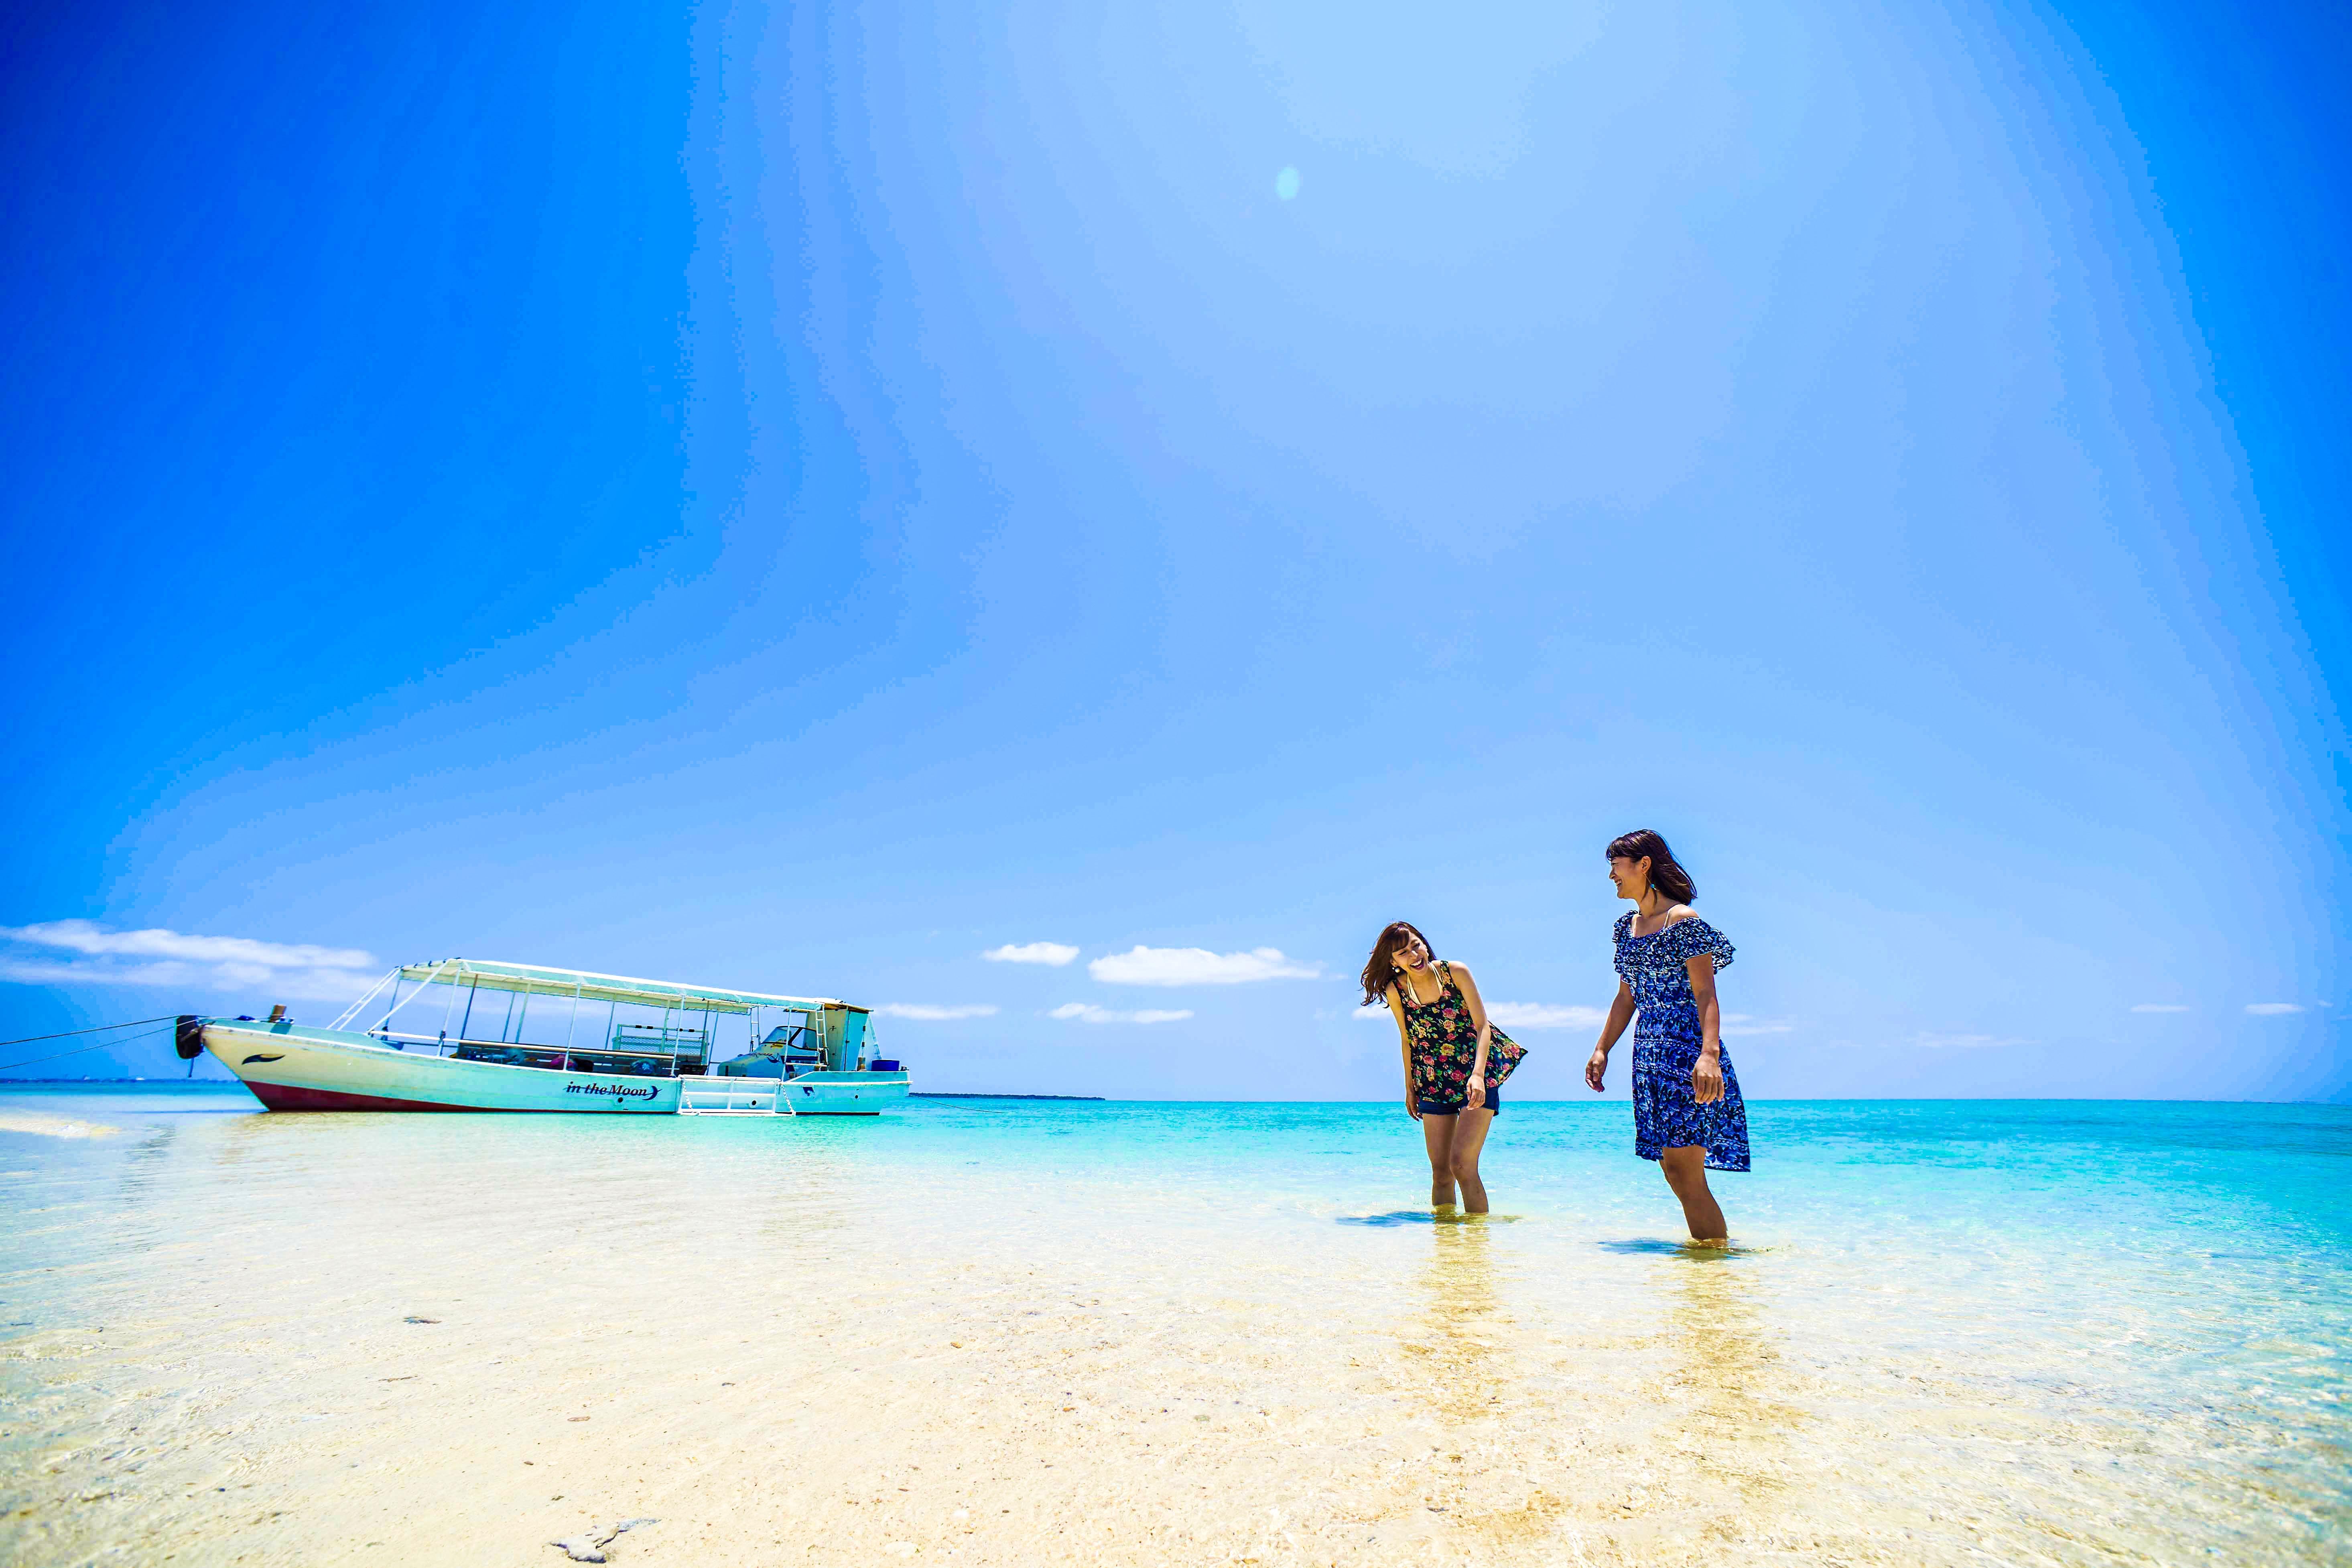 幻の島でシュノーケリングを楽しむ女性2人